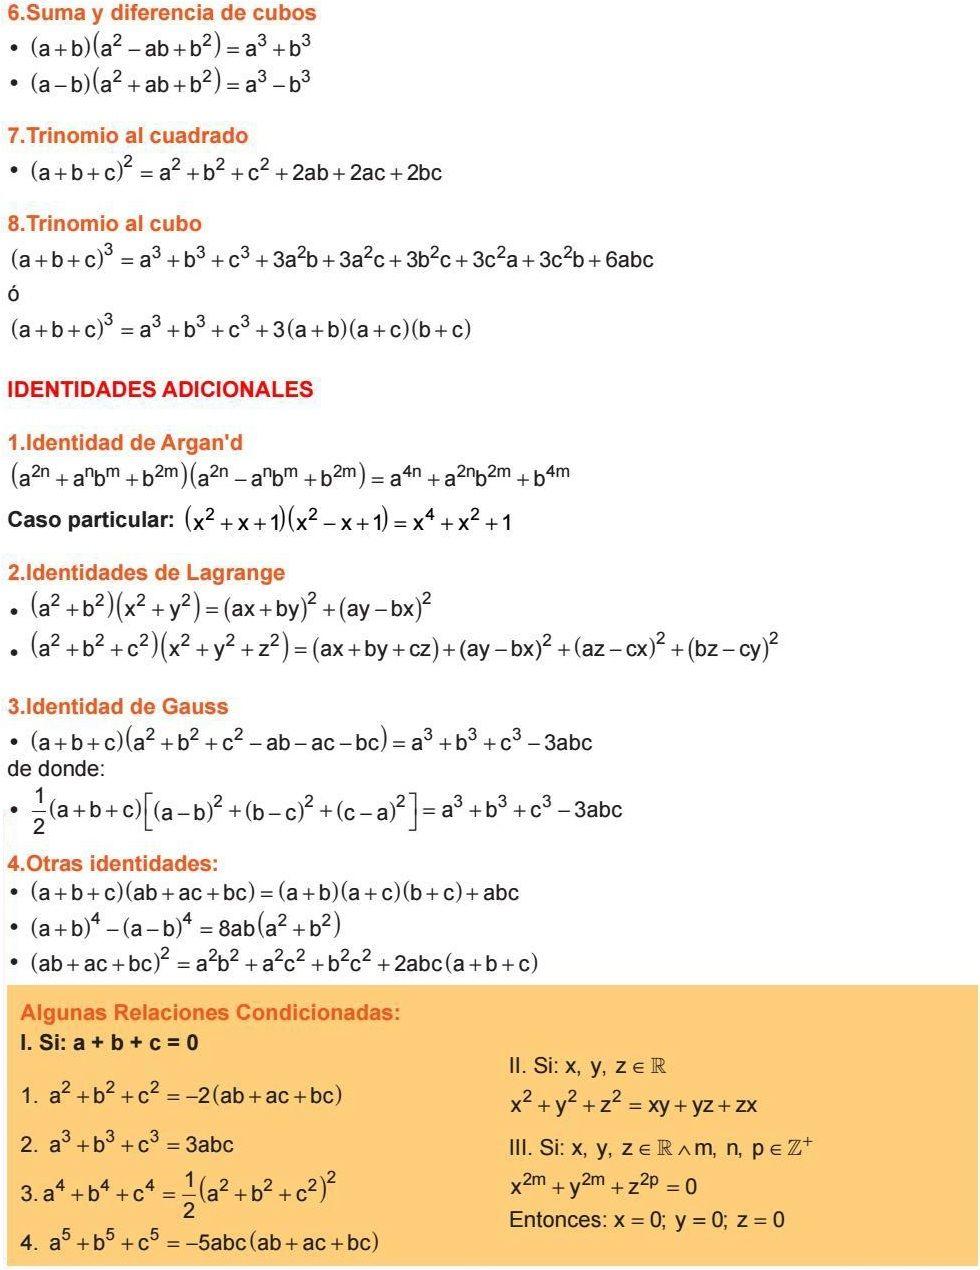 Suma Y Diferencia De Cubos Trinomio Al Cuadrado Trinomio Al Cubo Identidades Adicionales Identidad De Argan D Ldentidades De Lagra Math Formulas Algebra Math